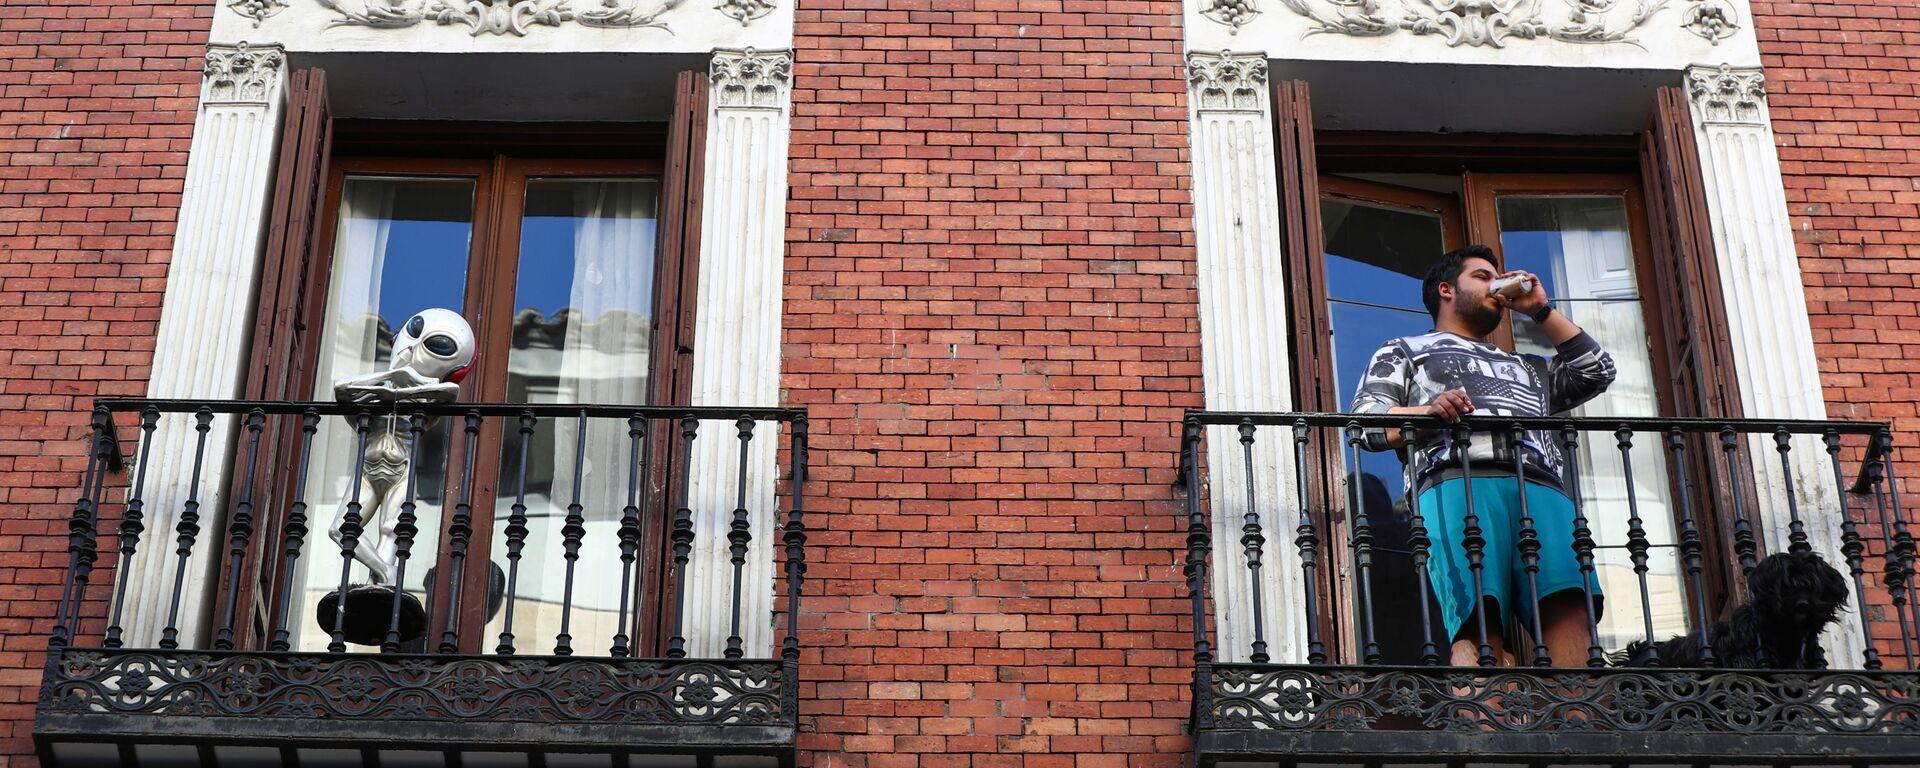 Un madrileño en el balcón de su casa - Sputnik Mundo, 1920, 21.04.2020